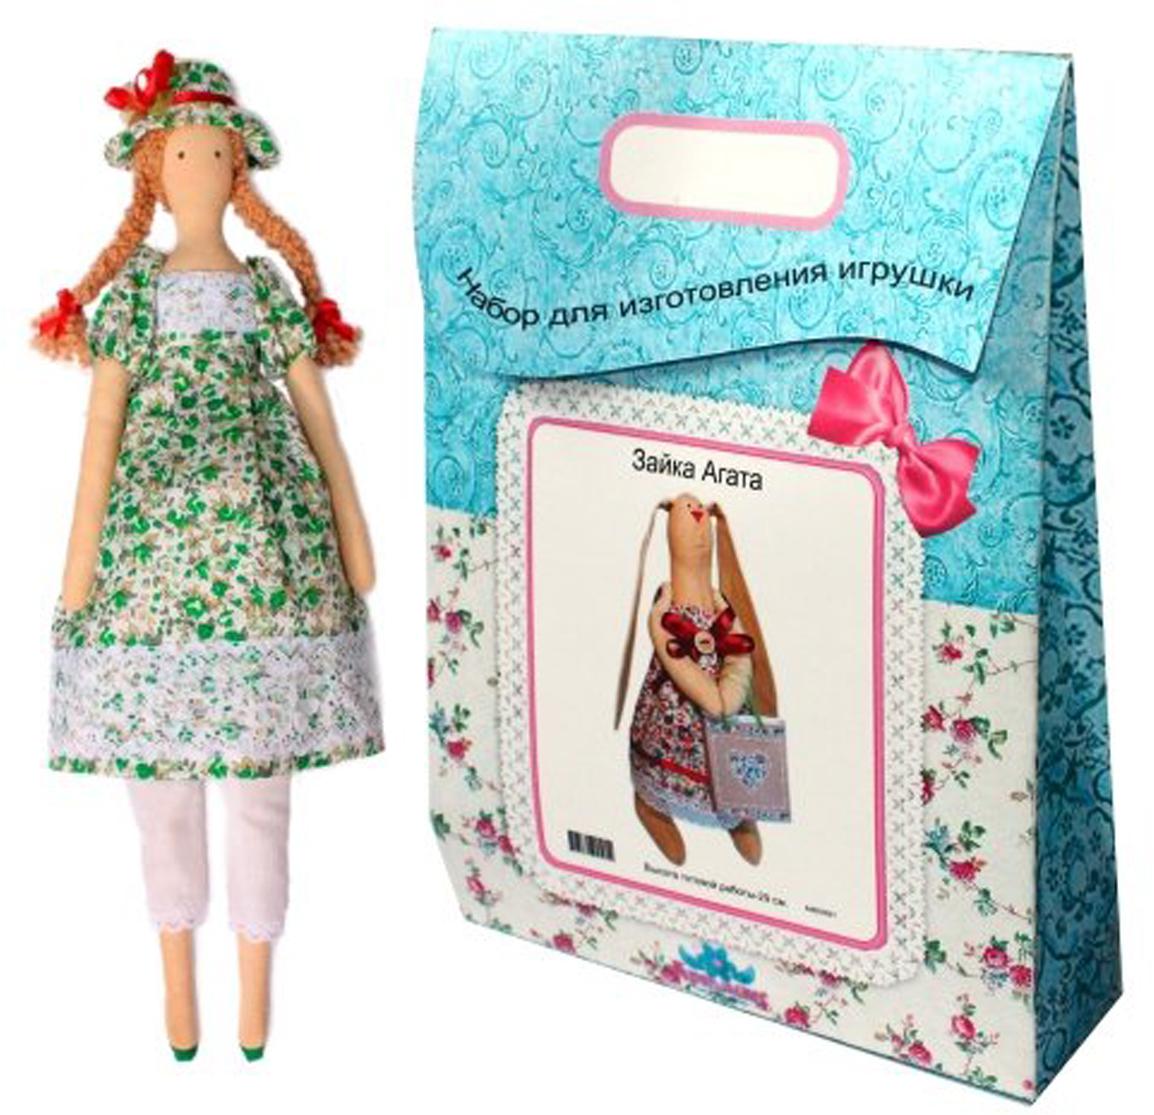 """Подарочный набор для изготовления текстильной игрушки """"Анастасия"""", 42 см"""